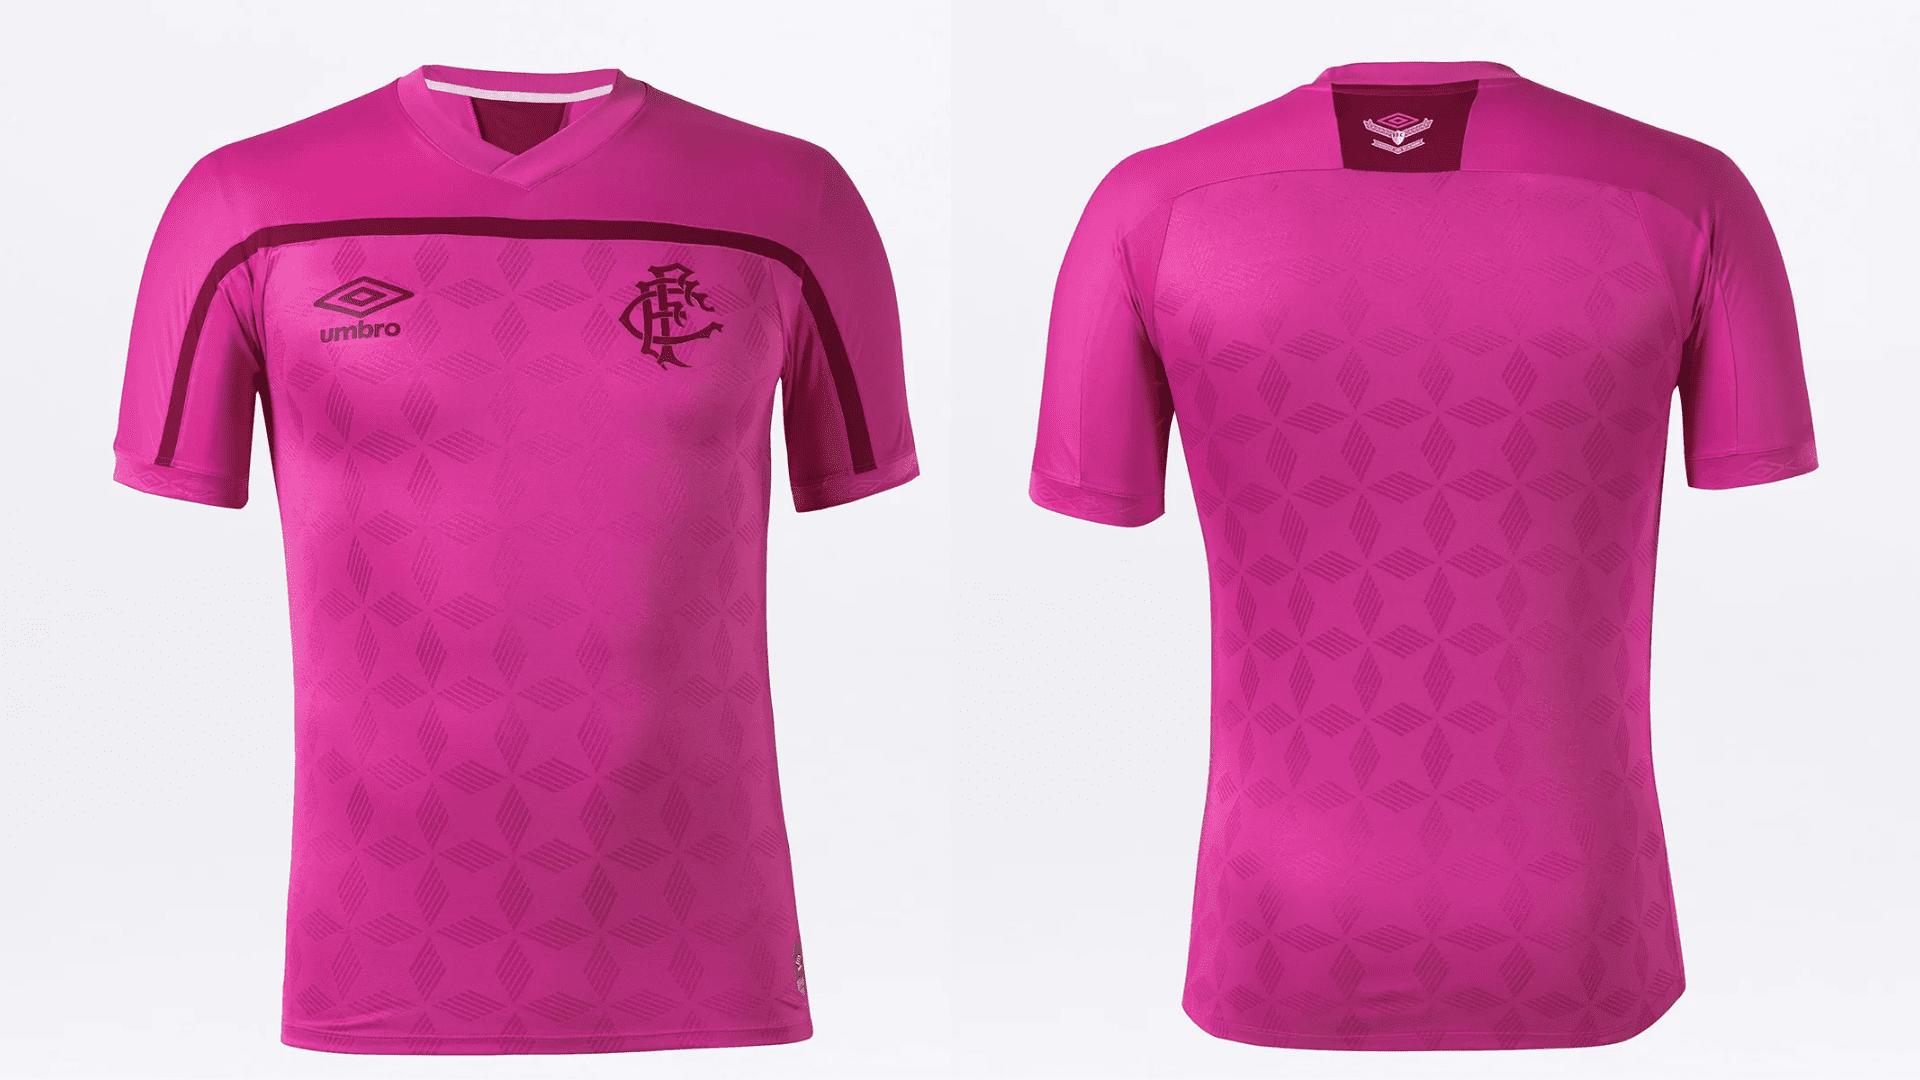 Camisa do Fluminense 2020 Umbro Outubro Rosa (Imagem: Divulgação/Umbro)